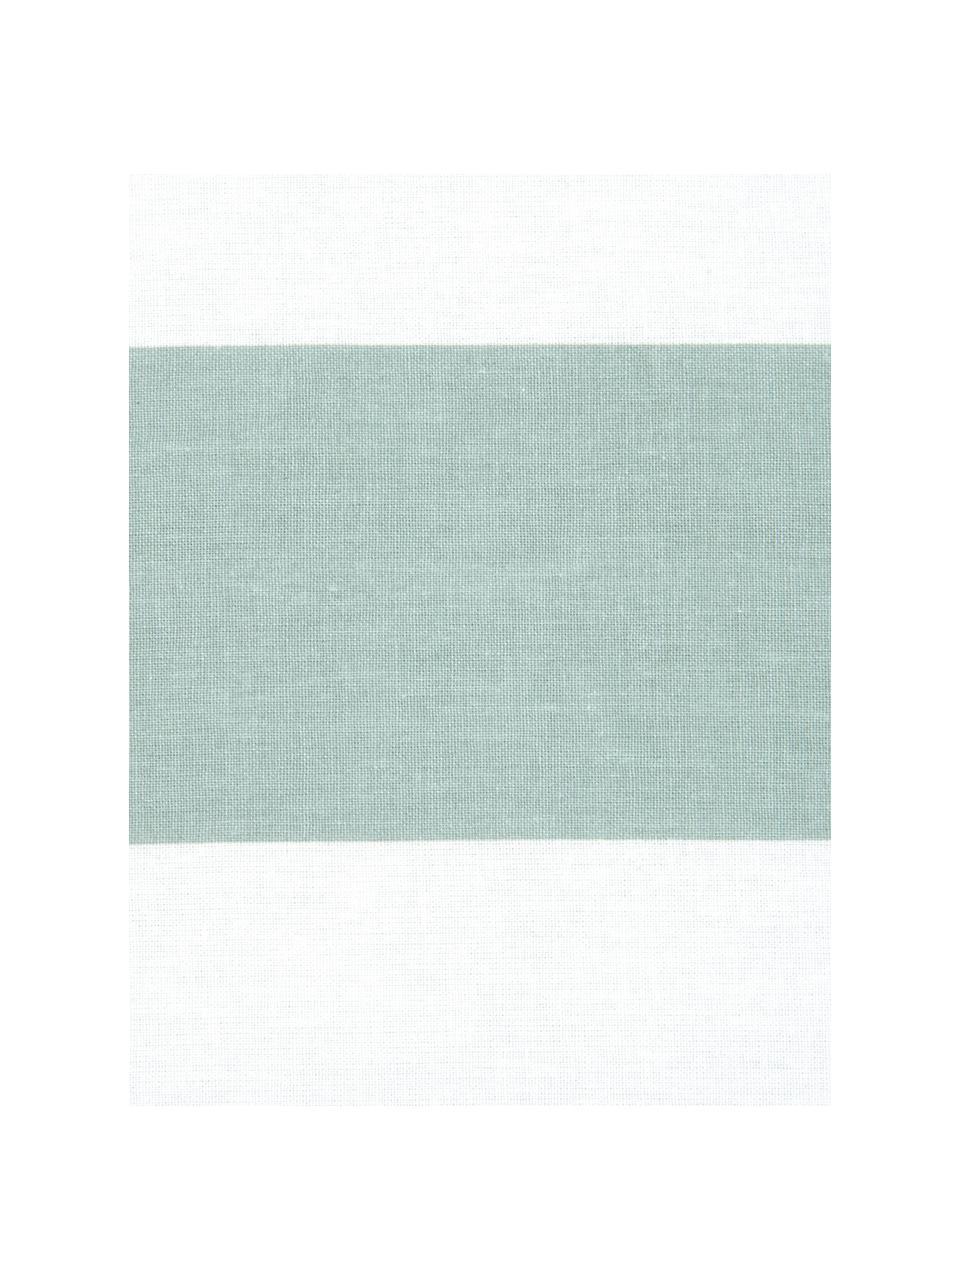 Parure copripiumino reversibile in cotone ranforce a righe Lorena, Tessuto: Renforcé, Verde salvia, bianco, 255 x 200 cm